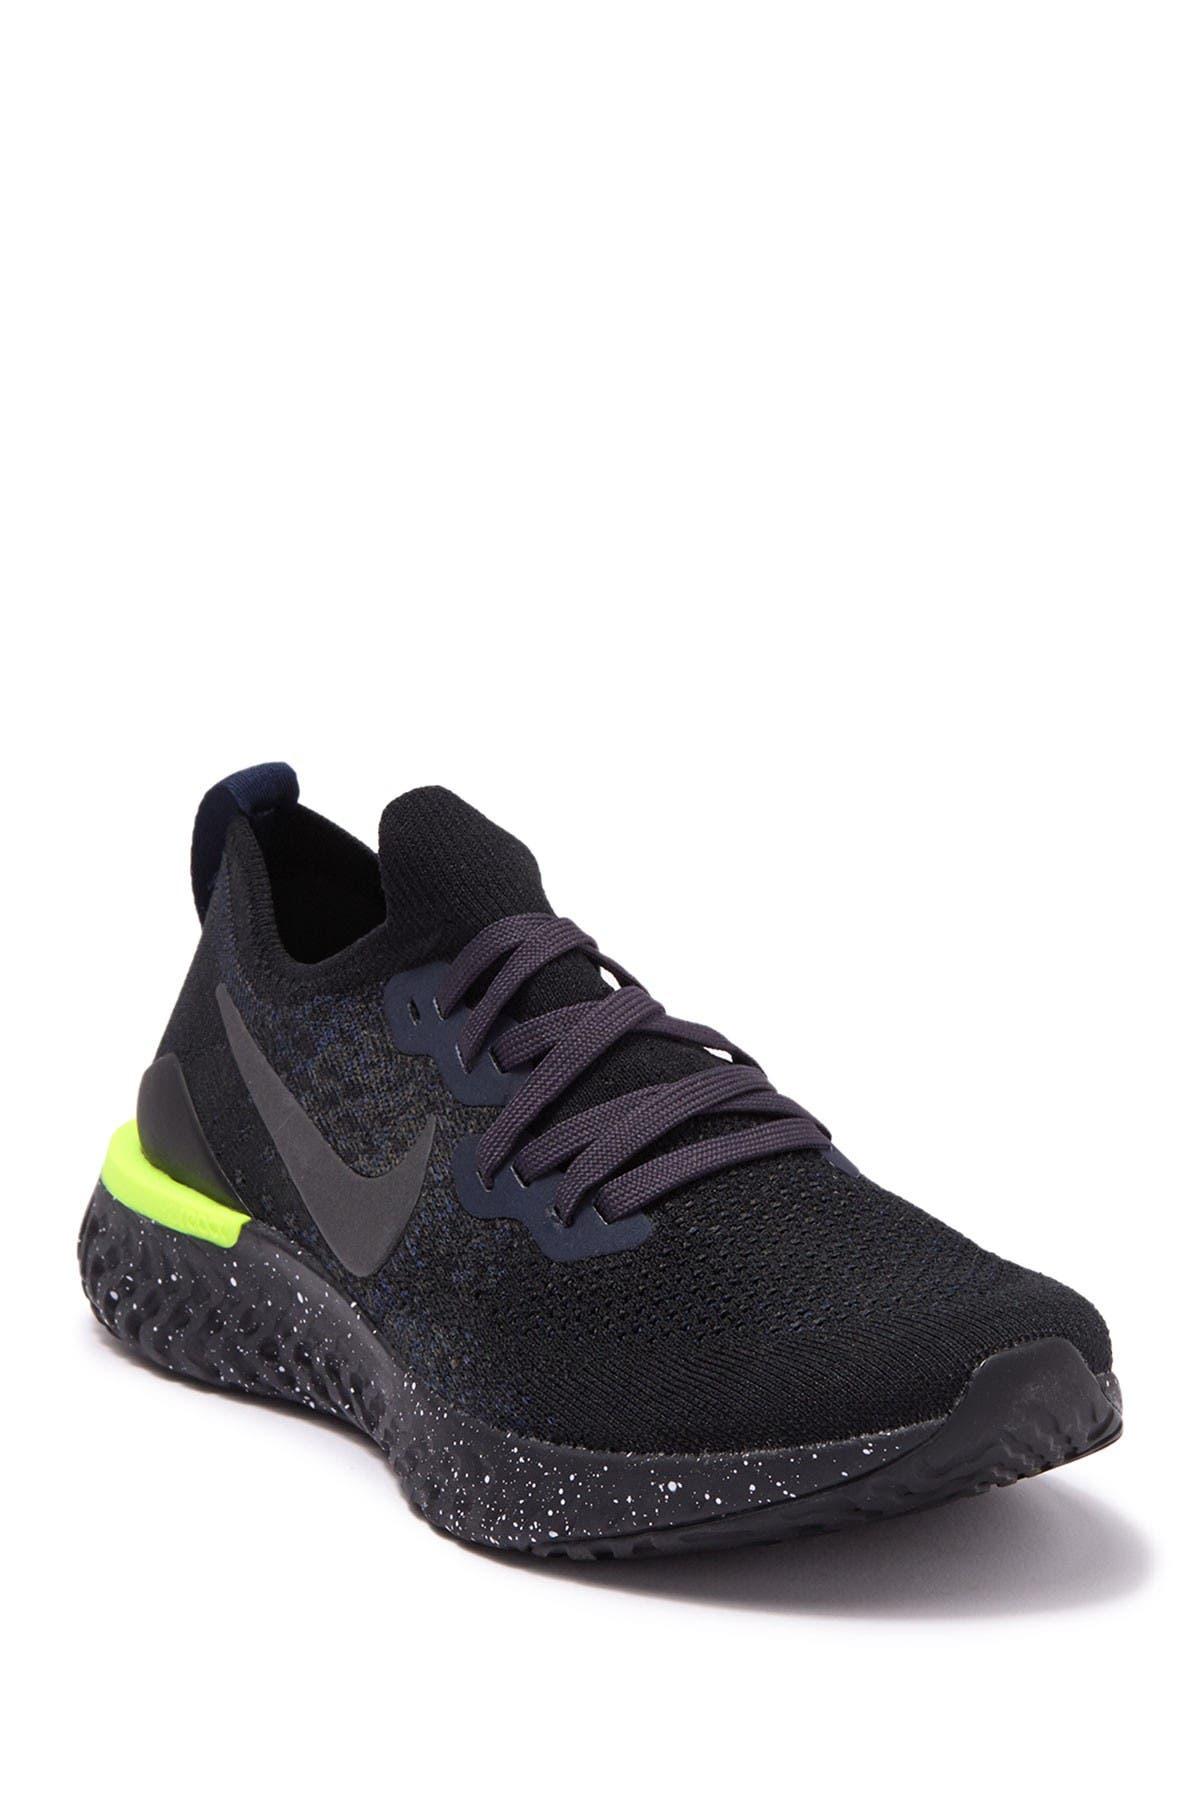 Nike | Epic React Flyknit 2 SE Sneaker